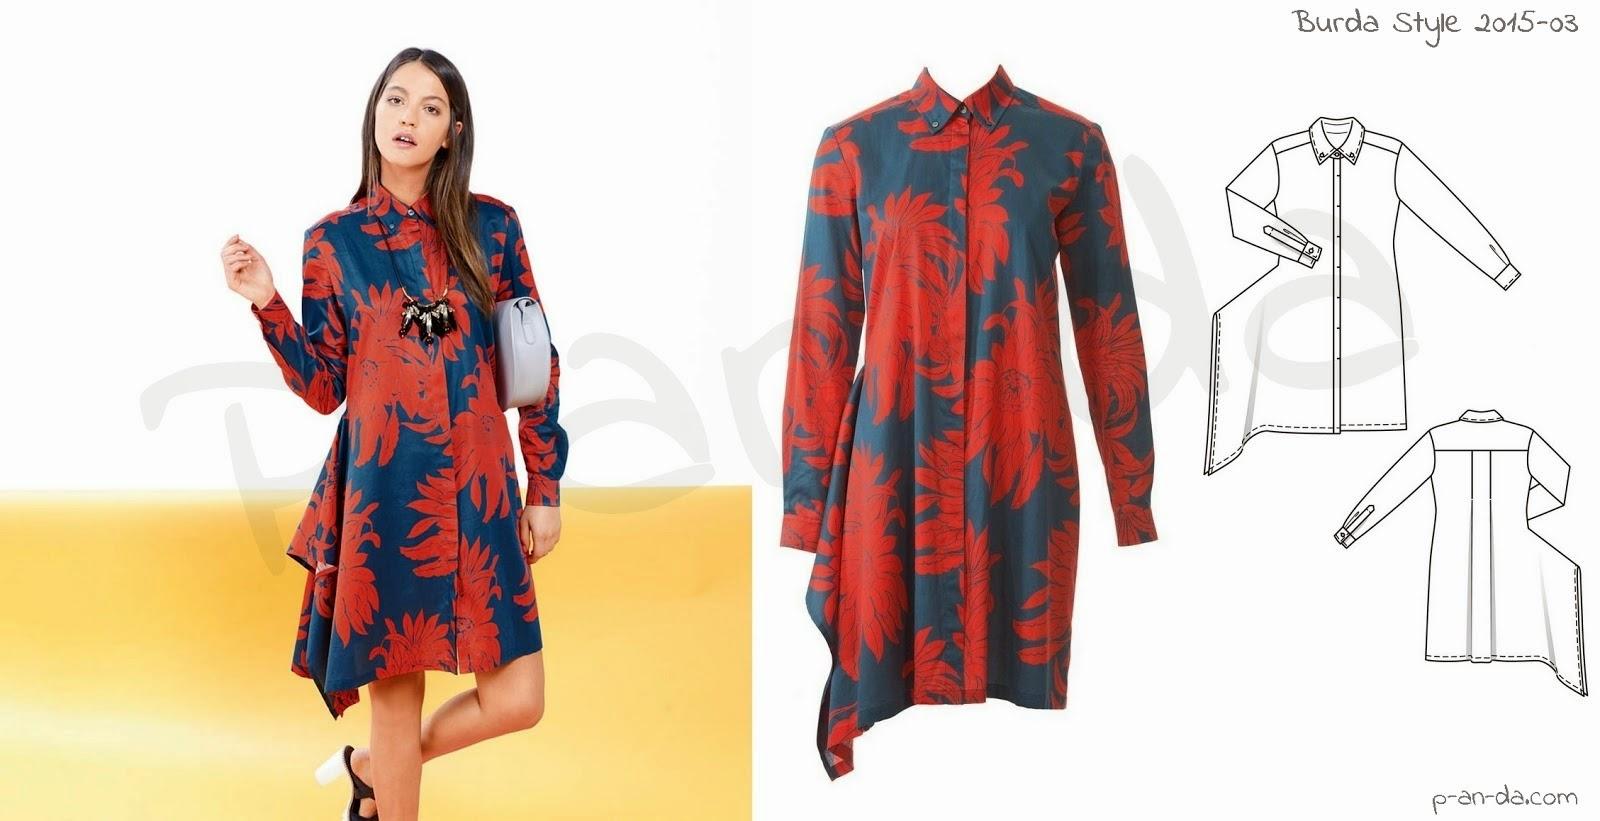 molde de vestido de Burda